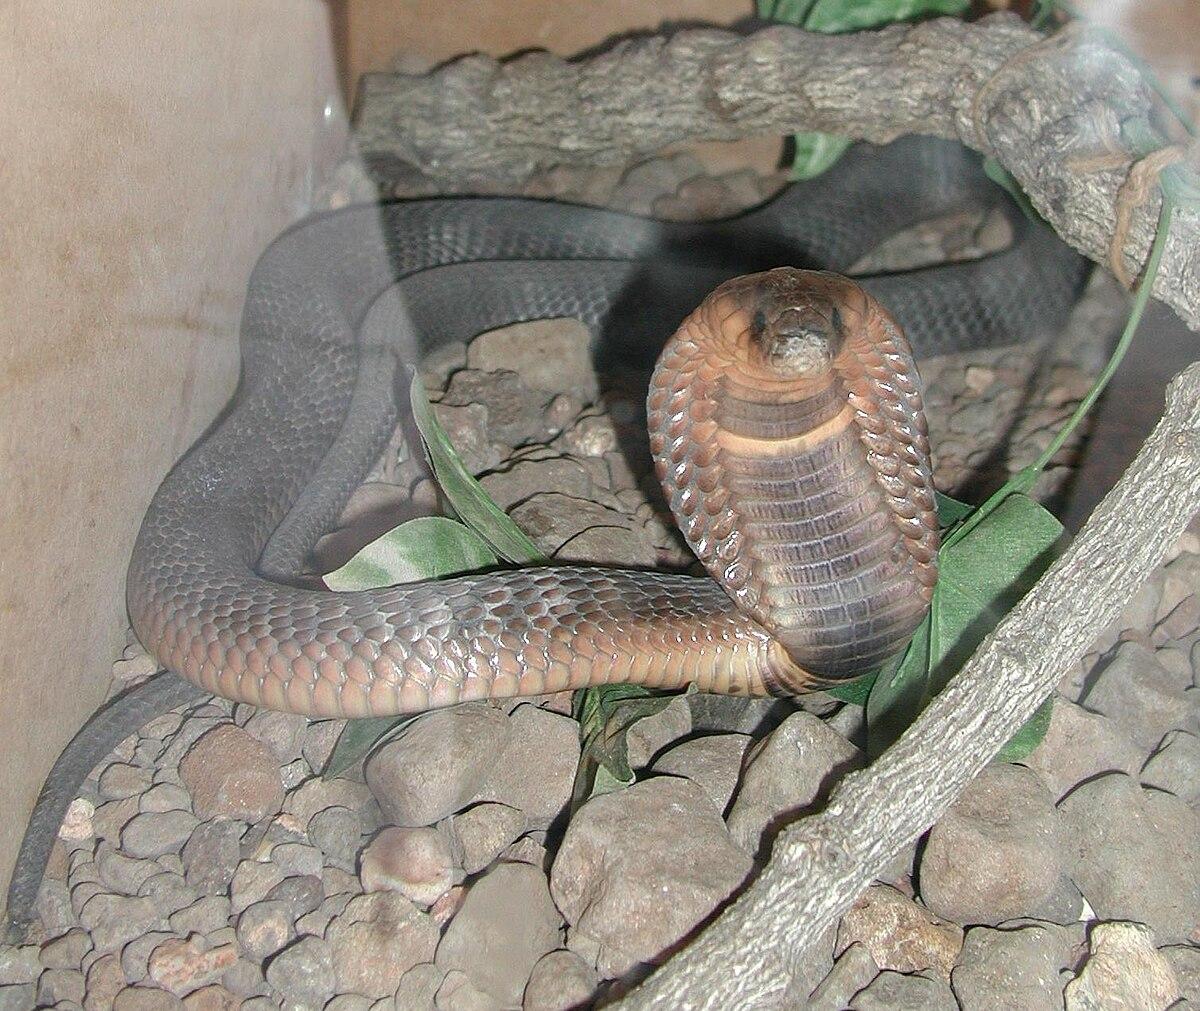 Les serpents sont la source probable du coronavirus mortel chinois. Voici pourquoi